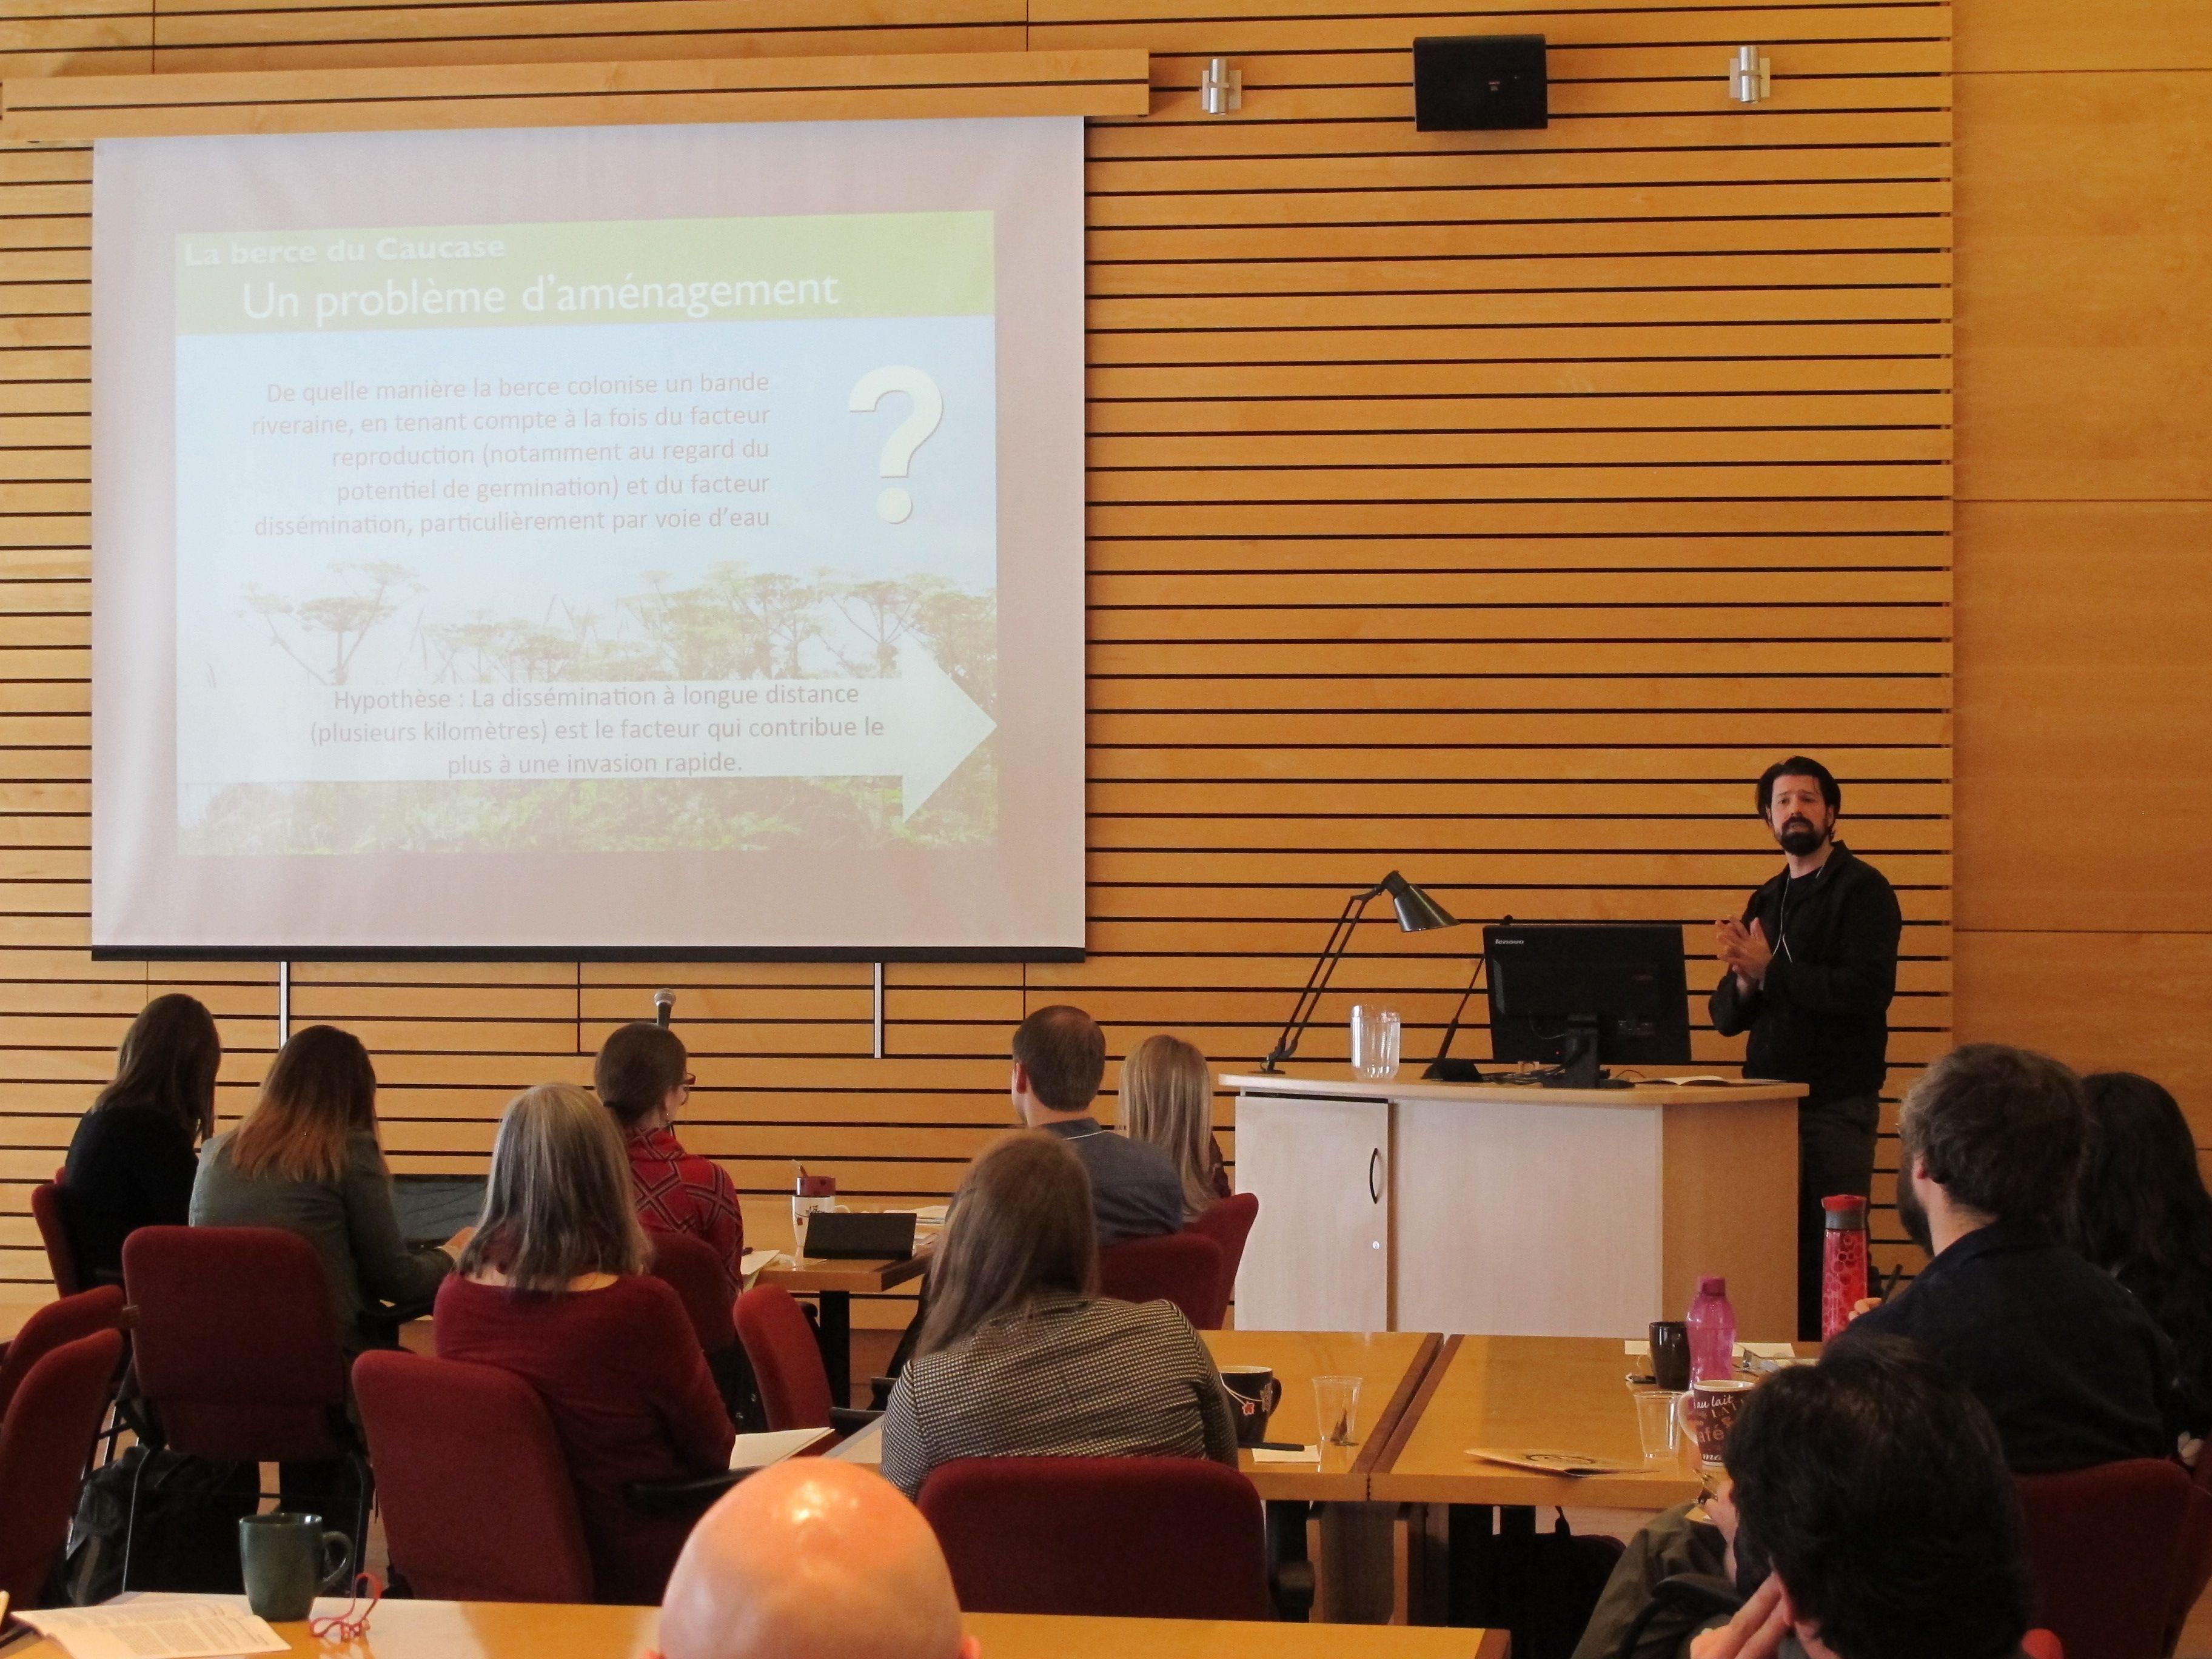 Nicolas Trottier présente sa communication lors du 21e Colloque étudiant multidisciplinaire du CRAD